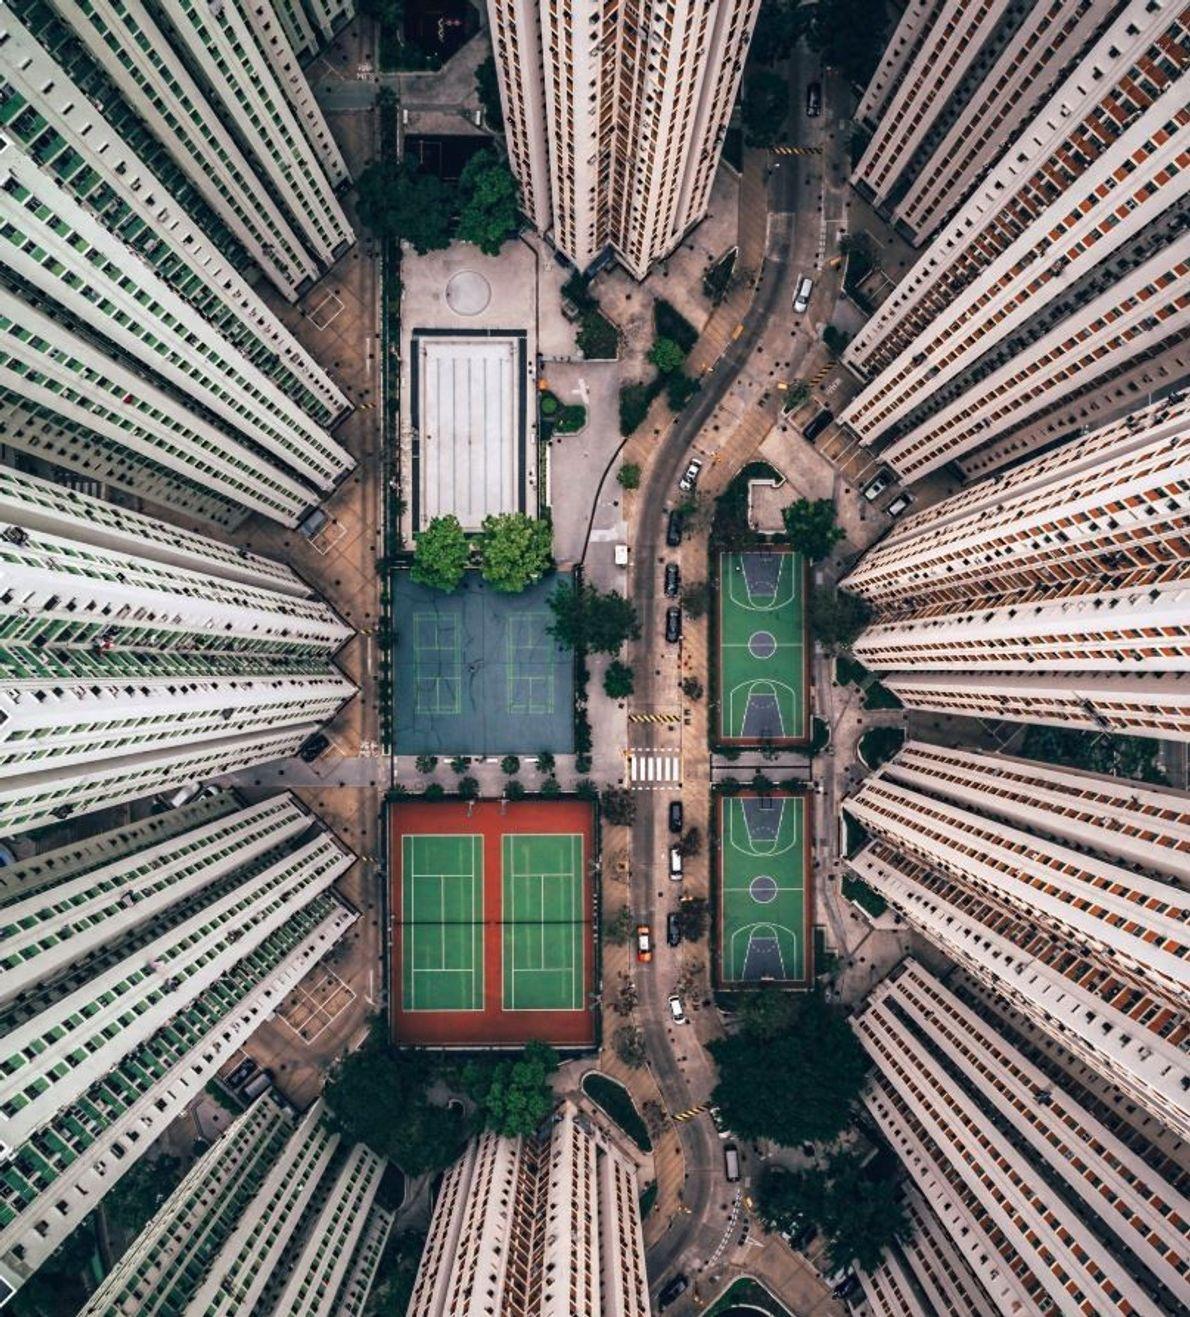 CATÉGORIE PHOTOGRAPHIE URBAINE - Sur cette photo, j'ai essayé de mettre en perspective les conditions de ...